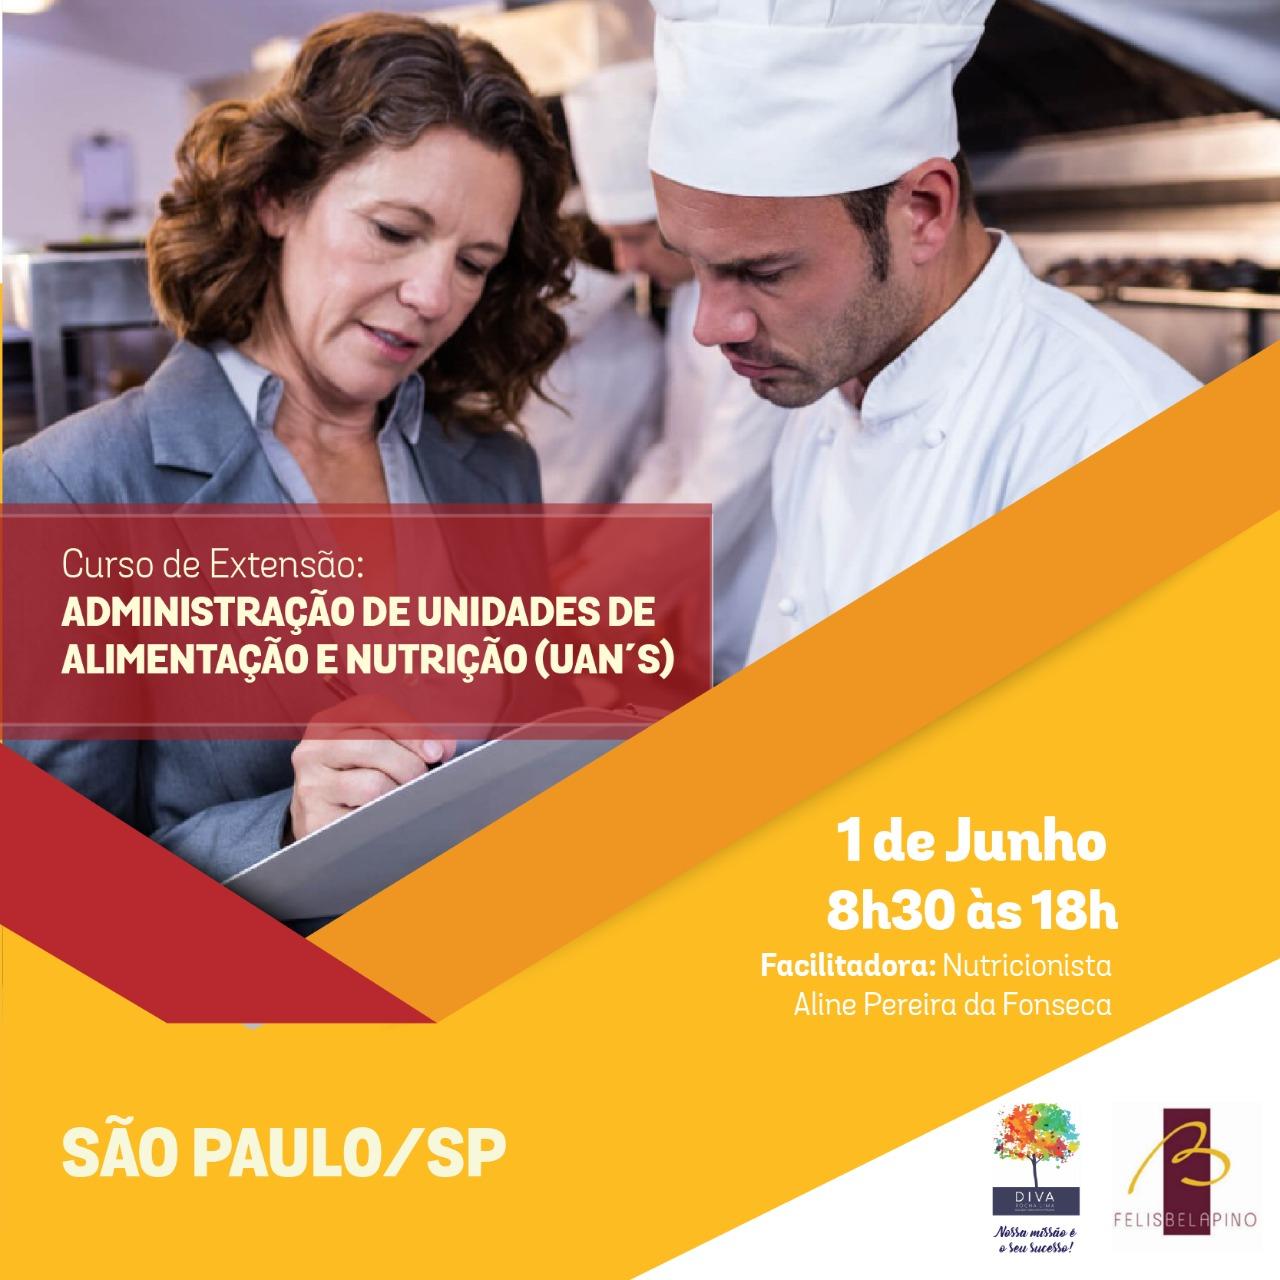 """São Paulo recebe curso """"Administração de UANs"""" no dia 1º de junho"""